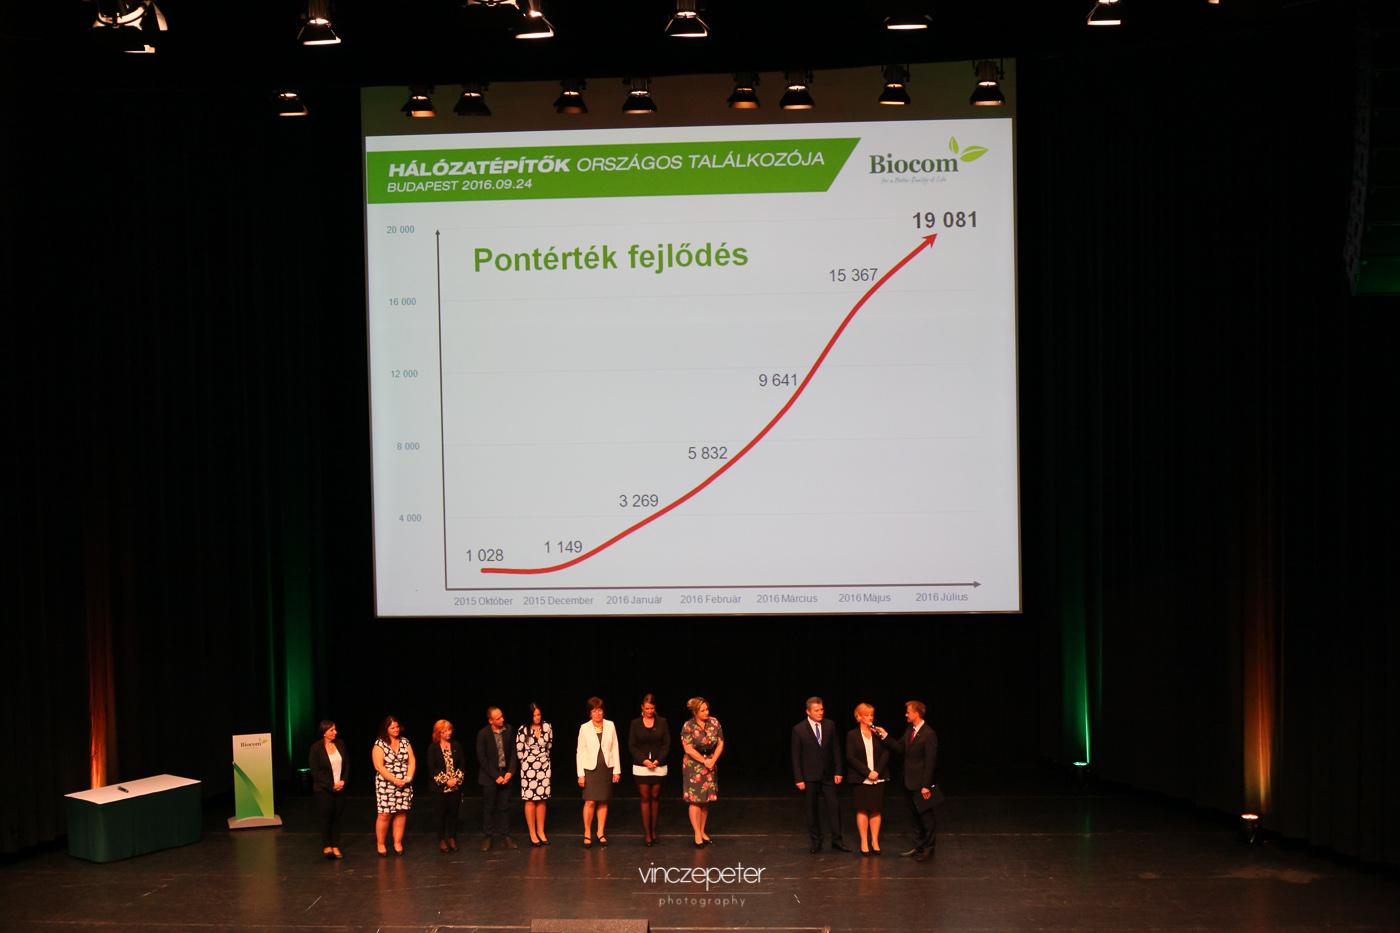 Lám, milyen lehetőséget ad a Biocom, egy jó terméktapasztalatból kiindulva, tervezett üzletépítéssel. A kivetítőn Tóth Wolford Erika és Tóth Lajos látványos fejlődése, a nyilatkozatuk alatt.